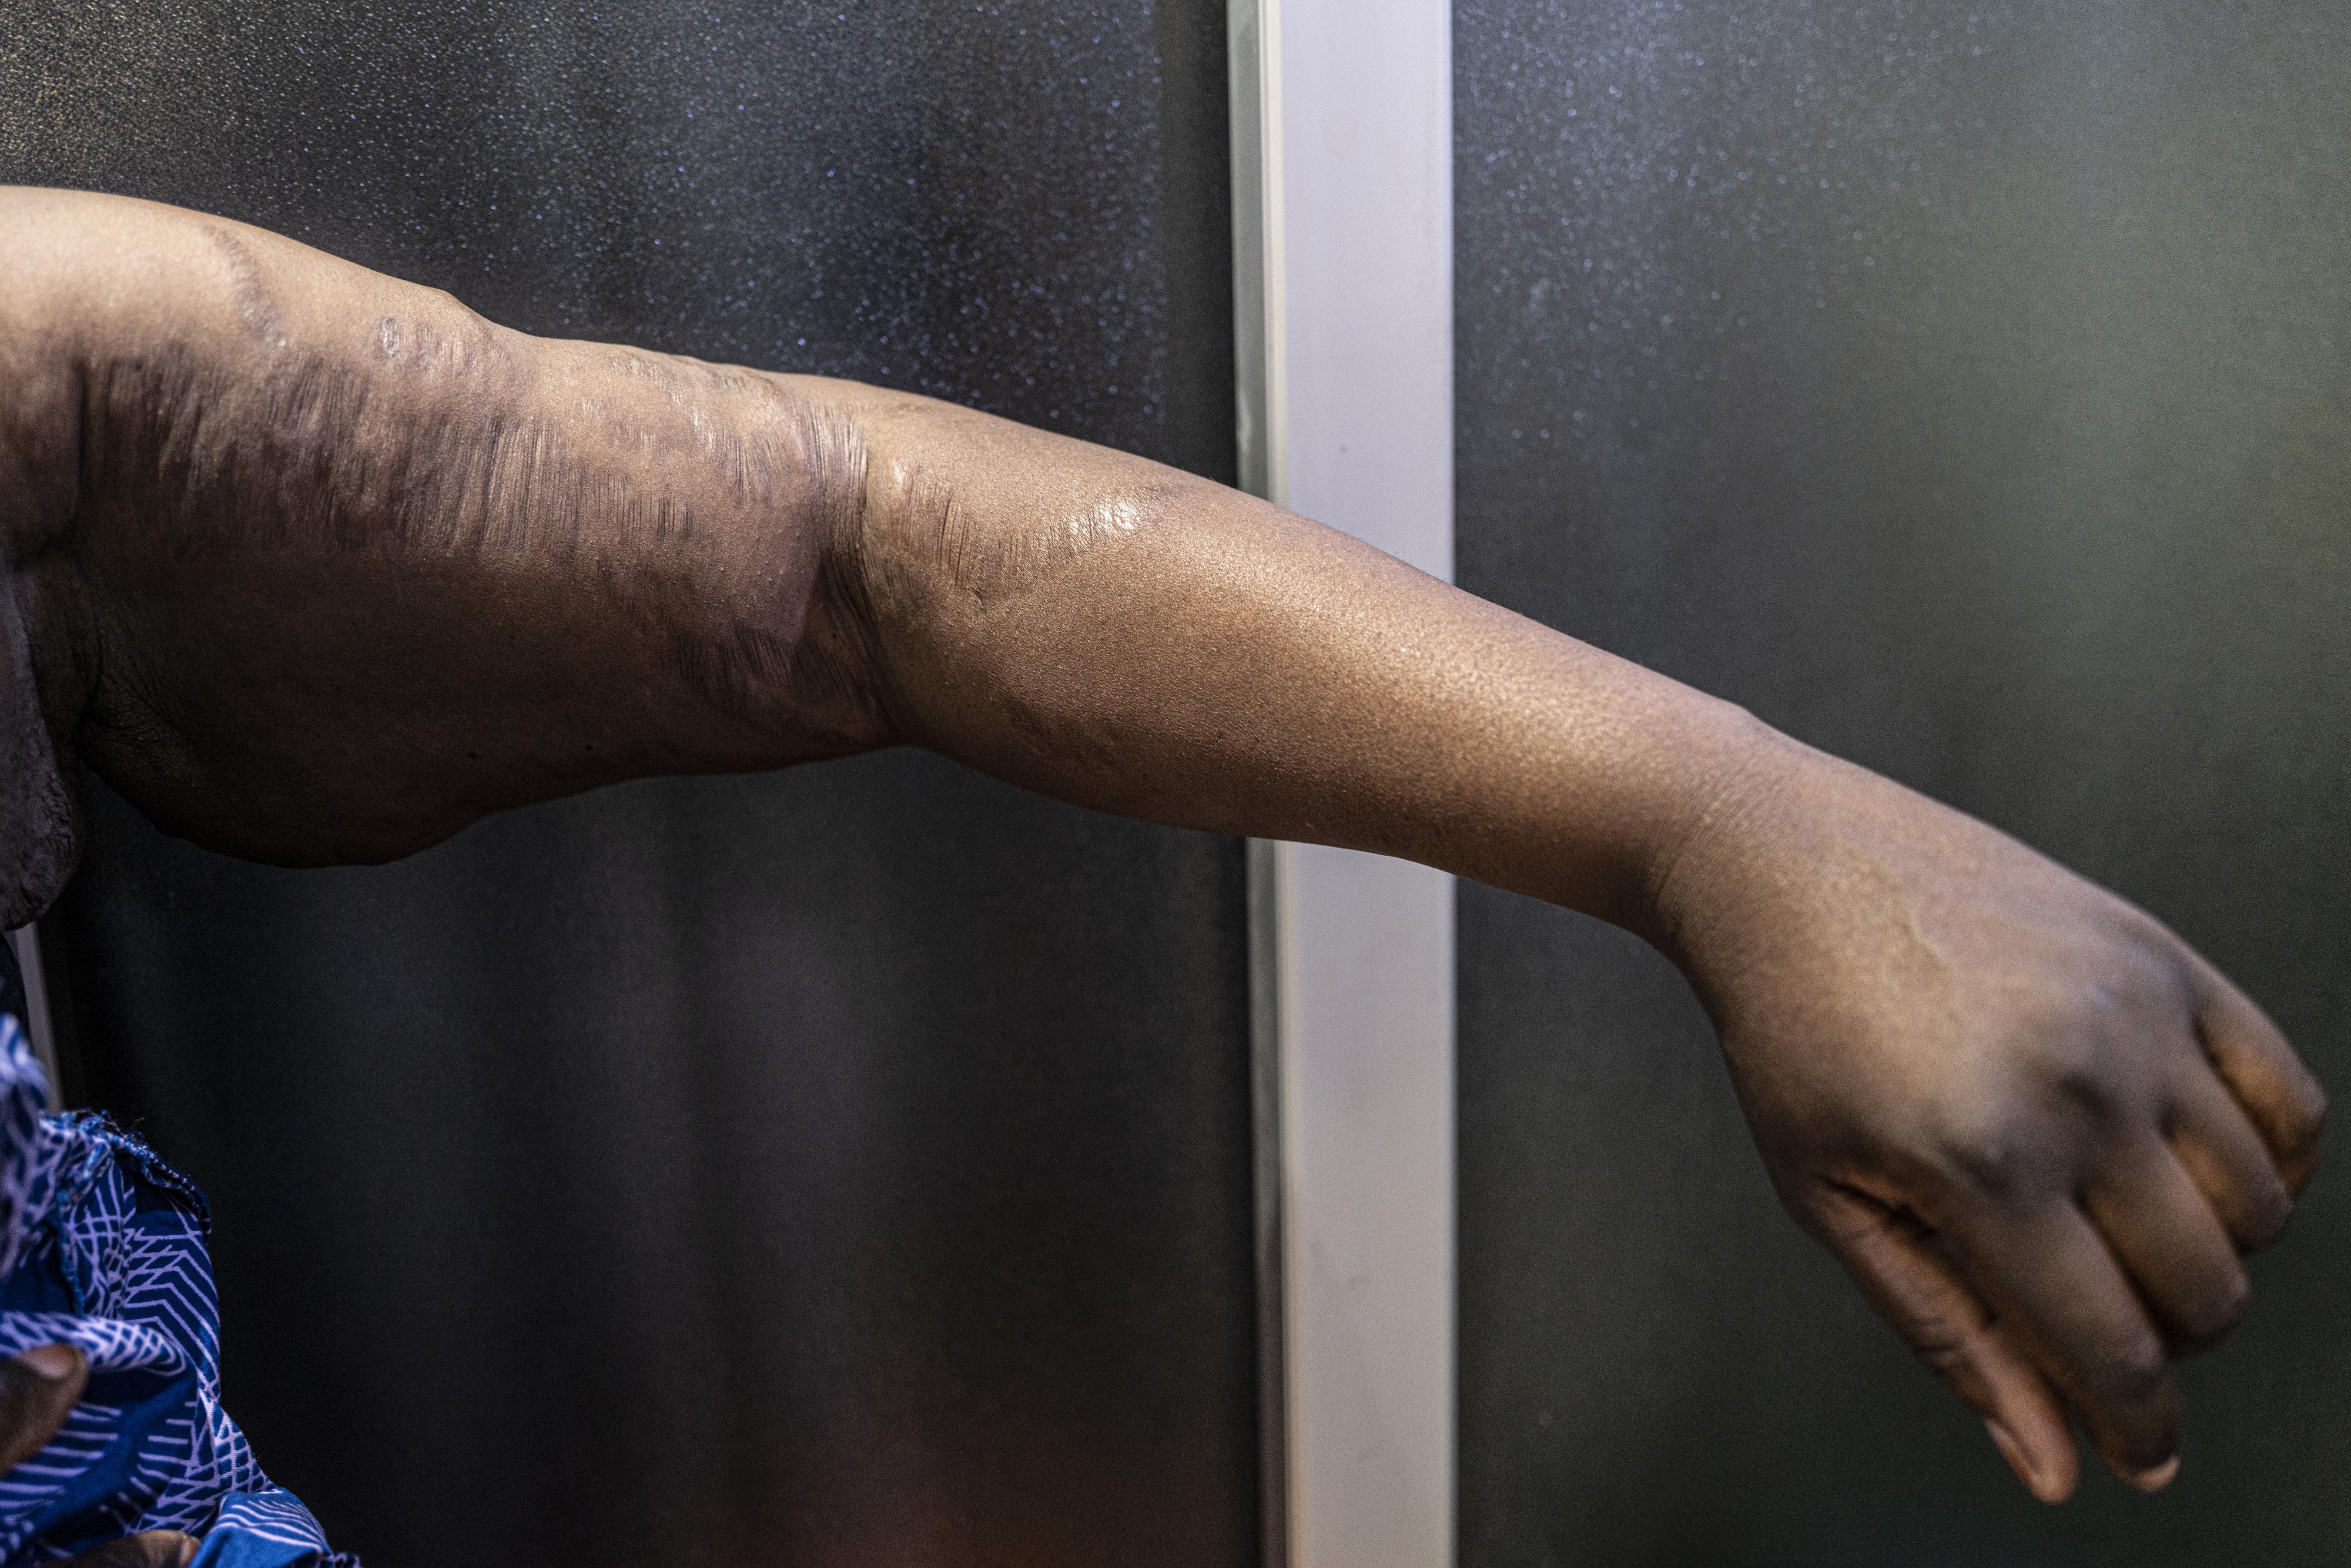 Le salon de beauté Beauty Chic by Tola promet aux femmes à la peau abîmée par le khessal de les soigner. Une cliente montre des vergetures sur sa peau, conséquence d'un traitement éclaircissant.